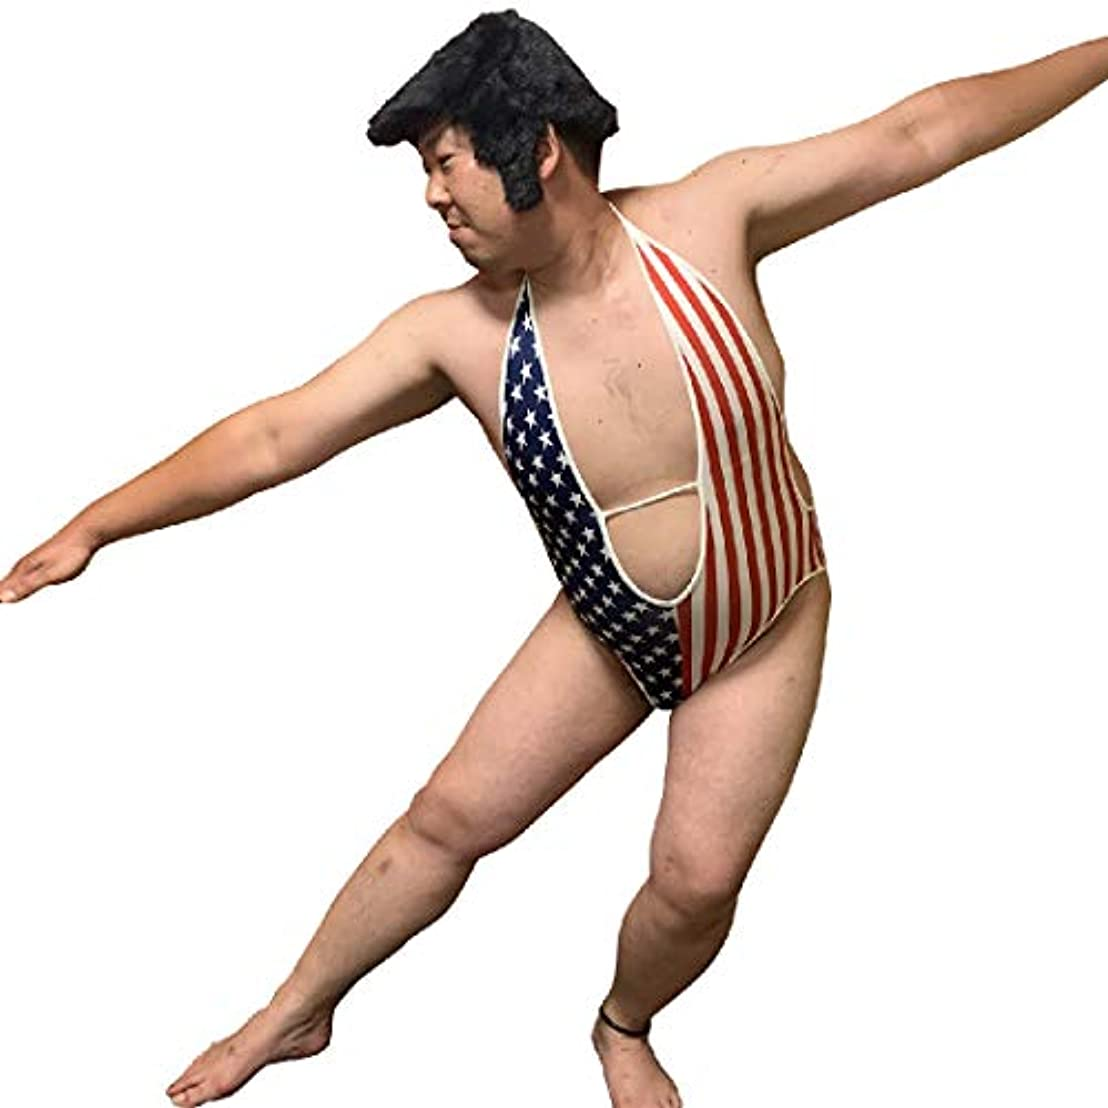 もう一度僕の再撮りsac taske アメリカ国旗 水着 星条旗 V字 レオタード ハロウィン 衣装 コスチューム (L)